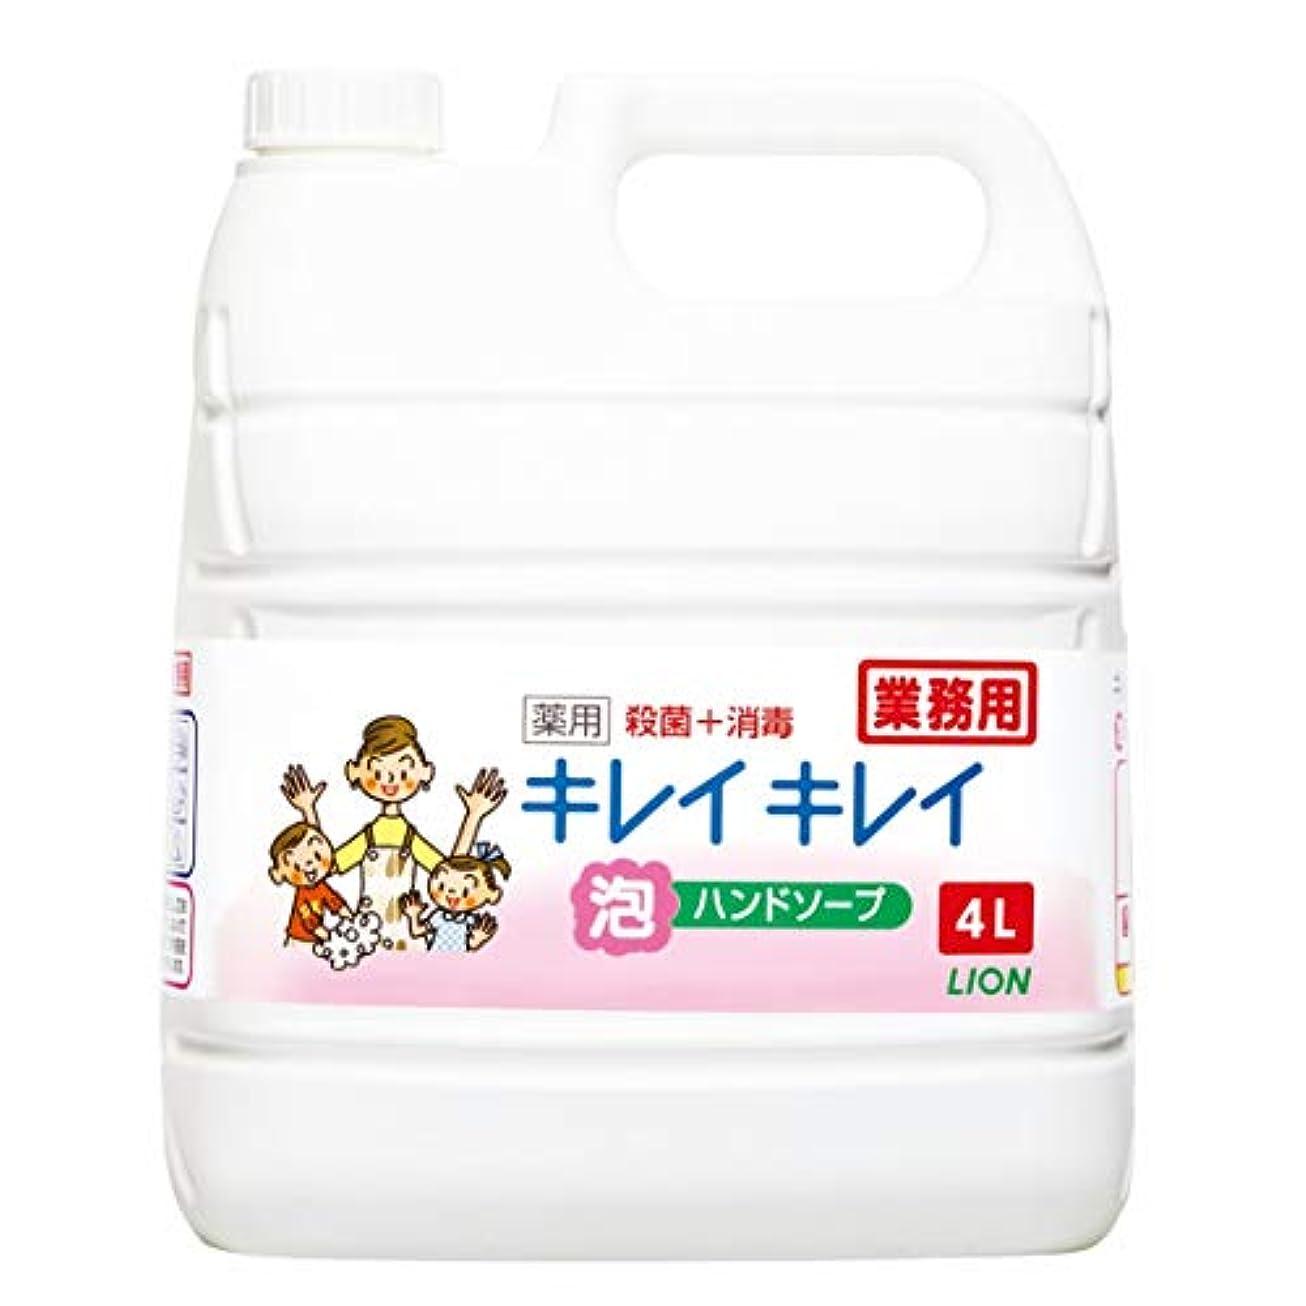 ロータリー冷えるフォーマット【業務用 大容量】キレイキレイ 薬用 泡ハンドソープ シトラスフルーティの香り 4L(医薬部外品)